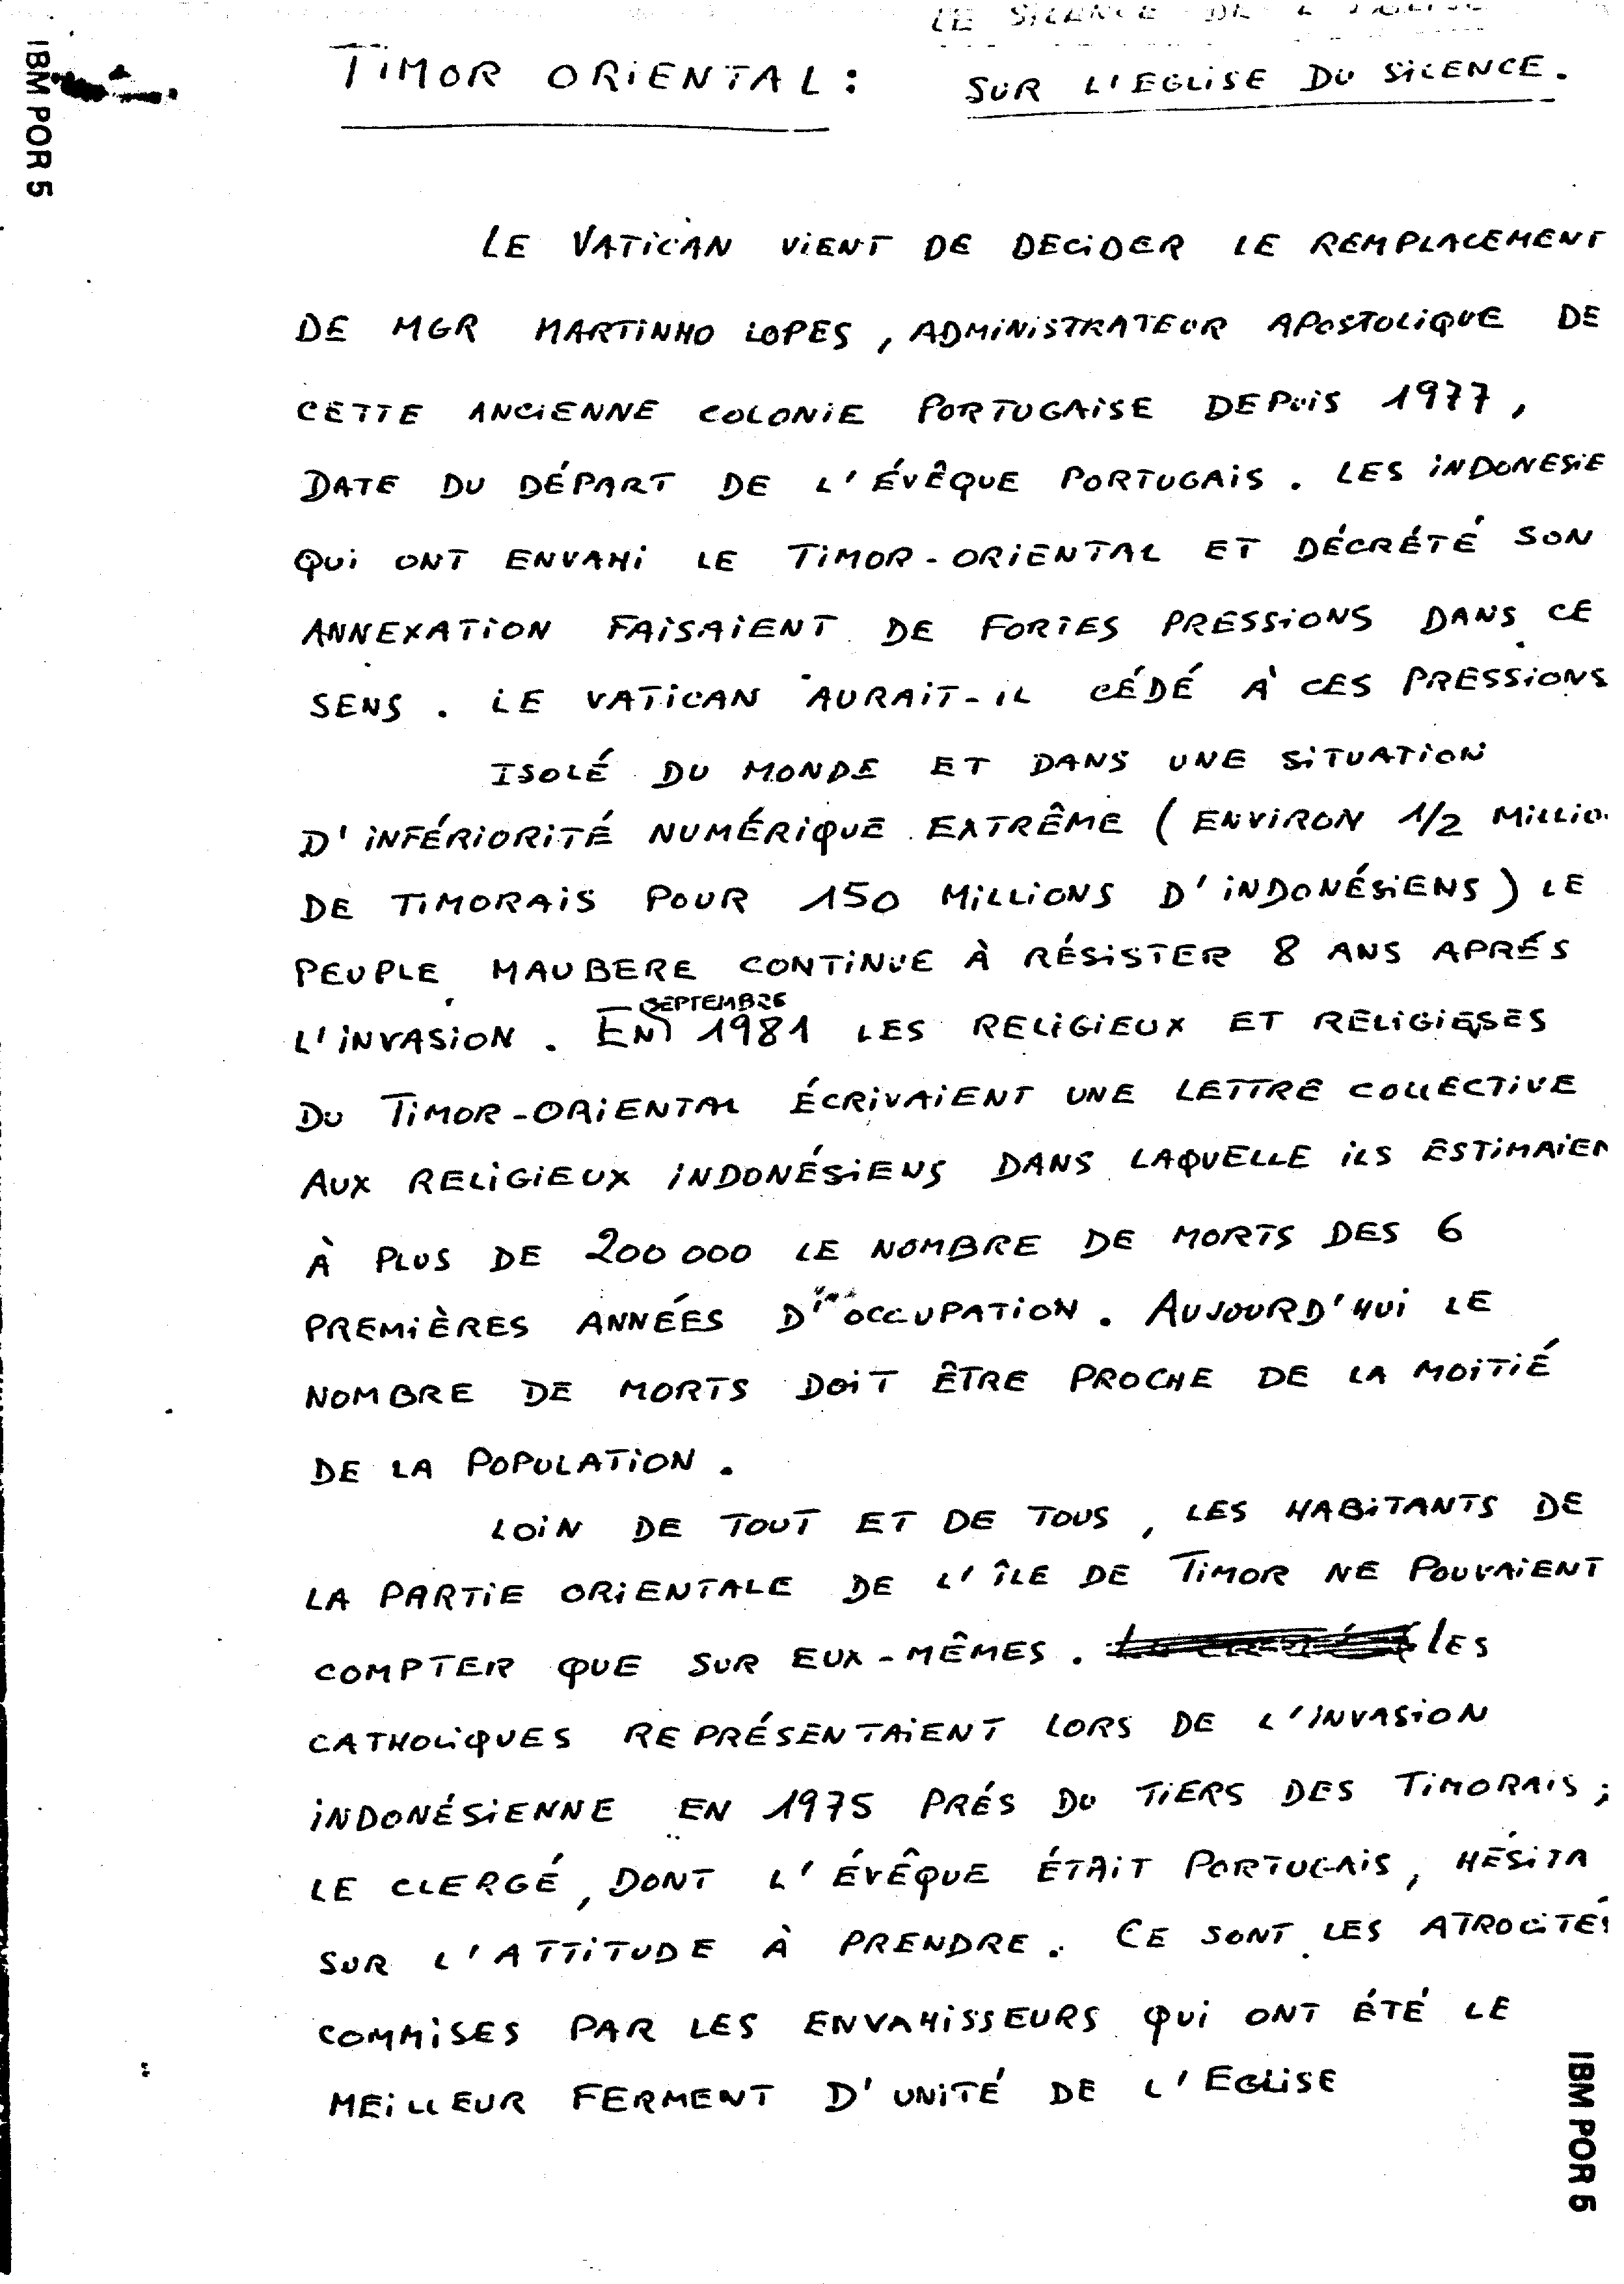 06473.055- pag.1